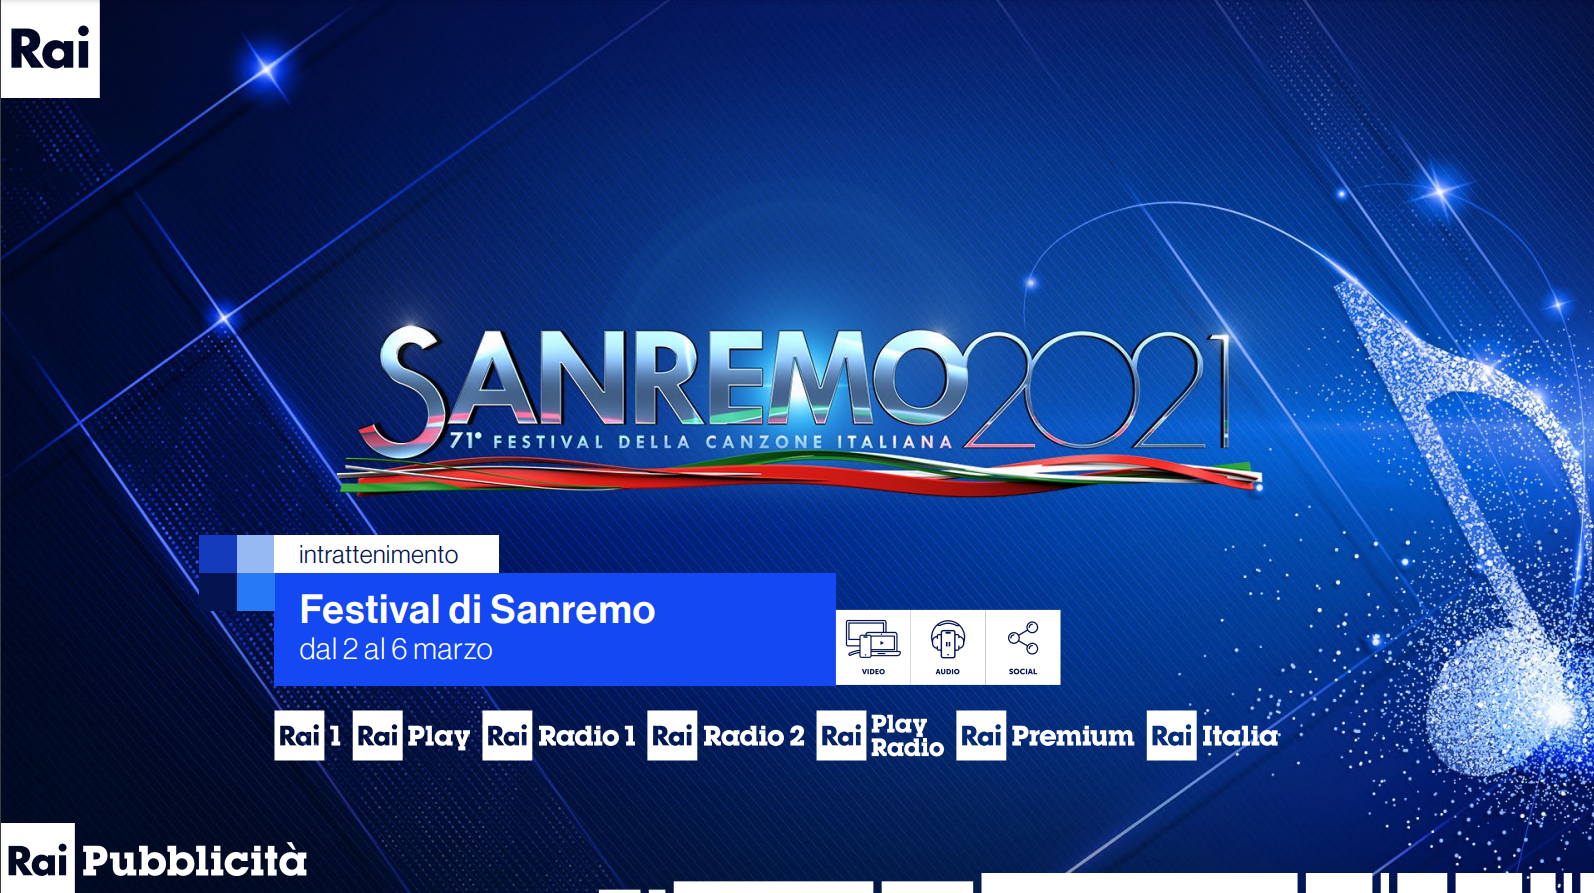 Logo Festival di Sanremo 2021, 71esimo festival della canzone italiana, con i loghi delle emittenti Rai Tv e Radio che lo trasmetteranno dal 2 marzo 2021